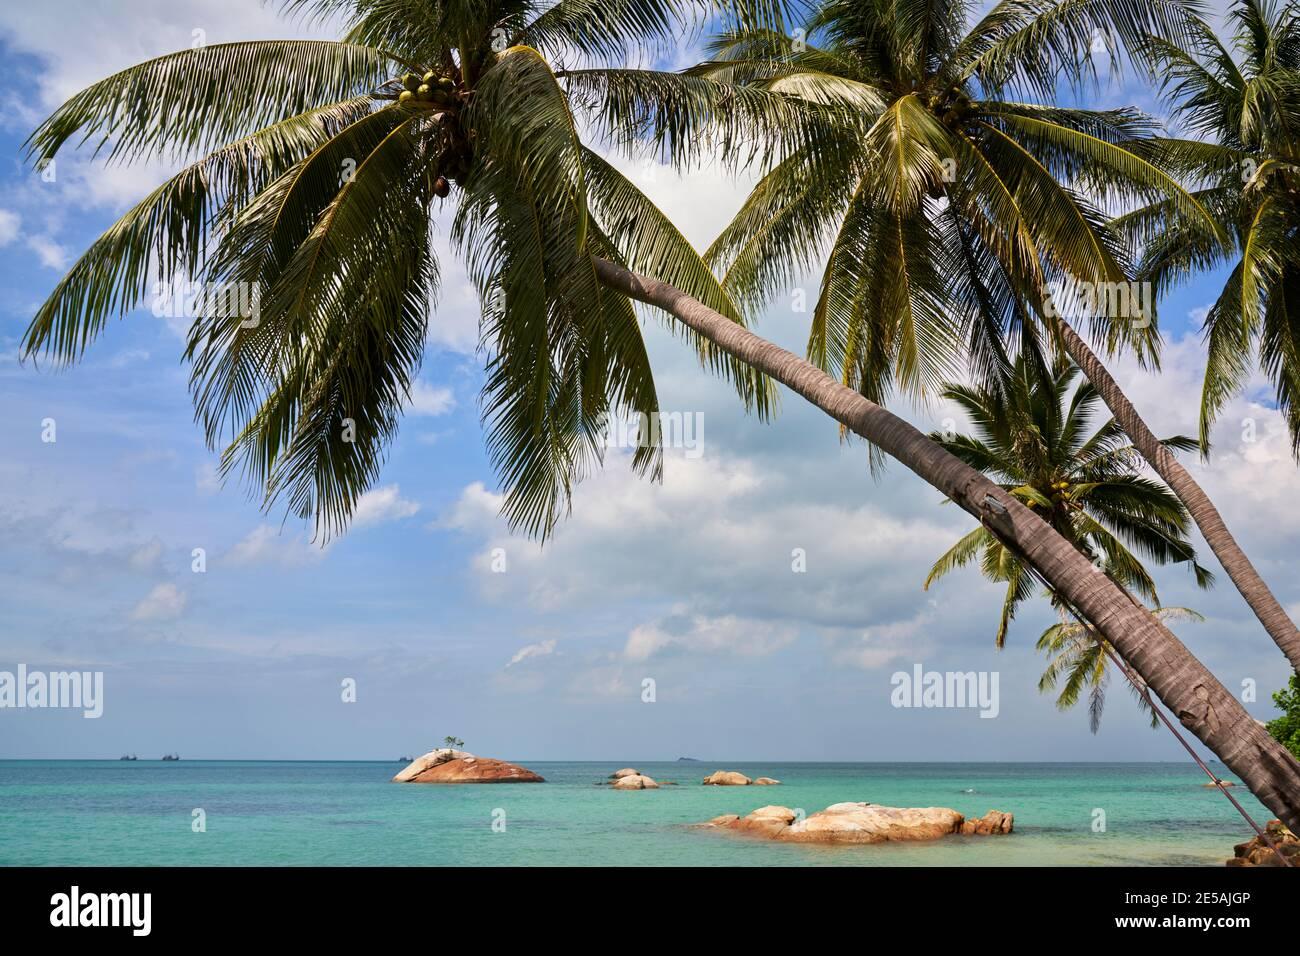 Île tropicale avec vue sur le golfe de Thaïlande à travers les cocotiers. Banque D'Images